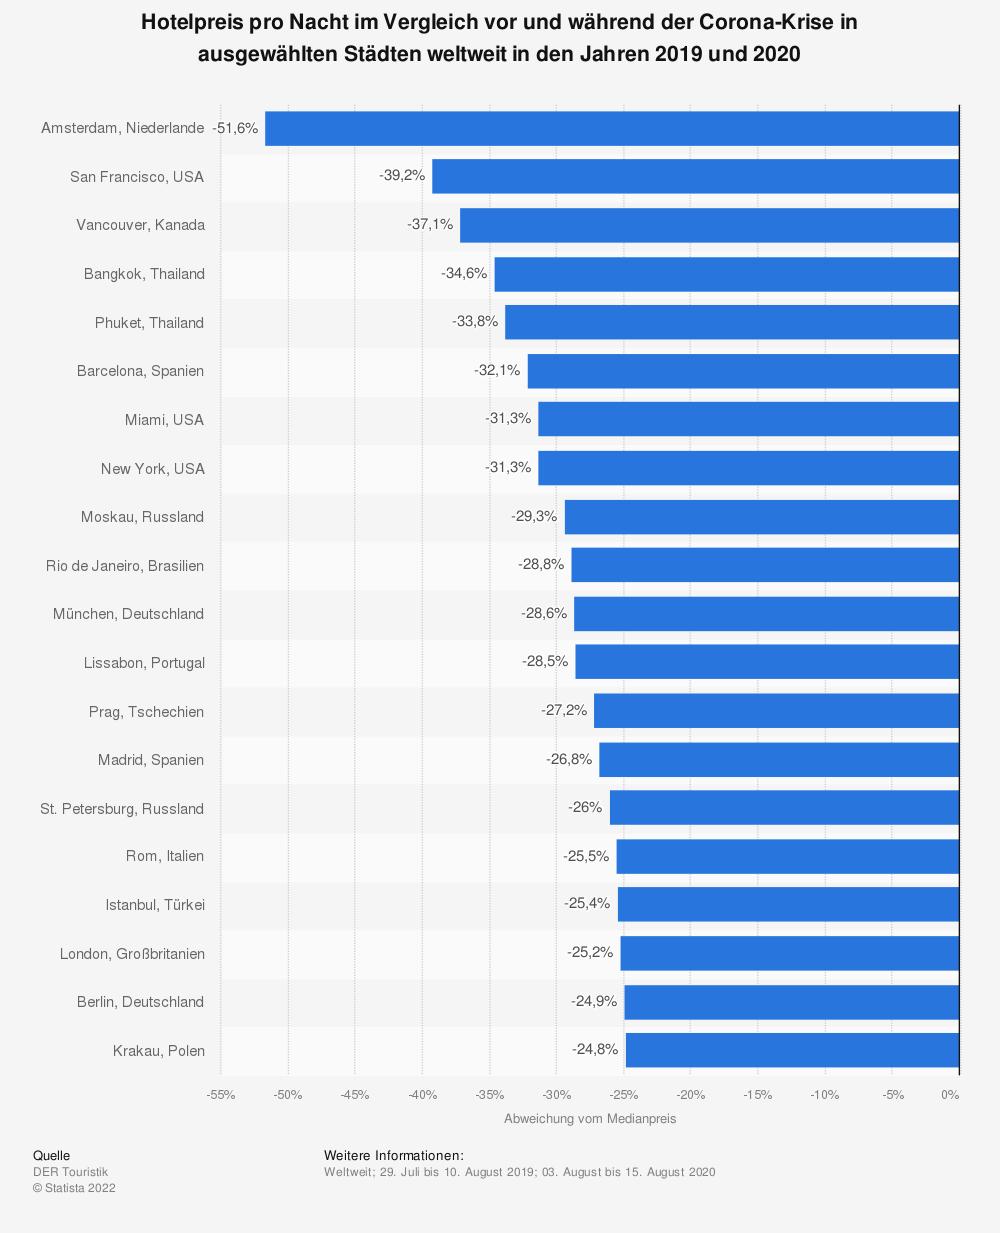 Statistik: Hotelpreis pro Nacht im Vergleich vor und während der Corona-Krise in ausgewählten Städten weltweit in den Jahren 2019 und 2020 | Statista